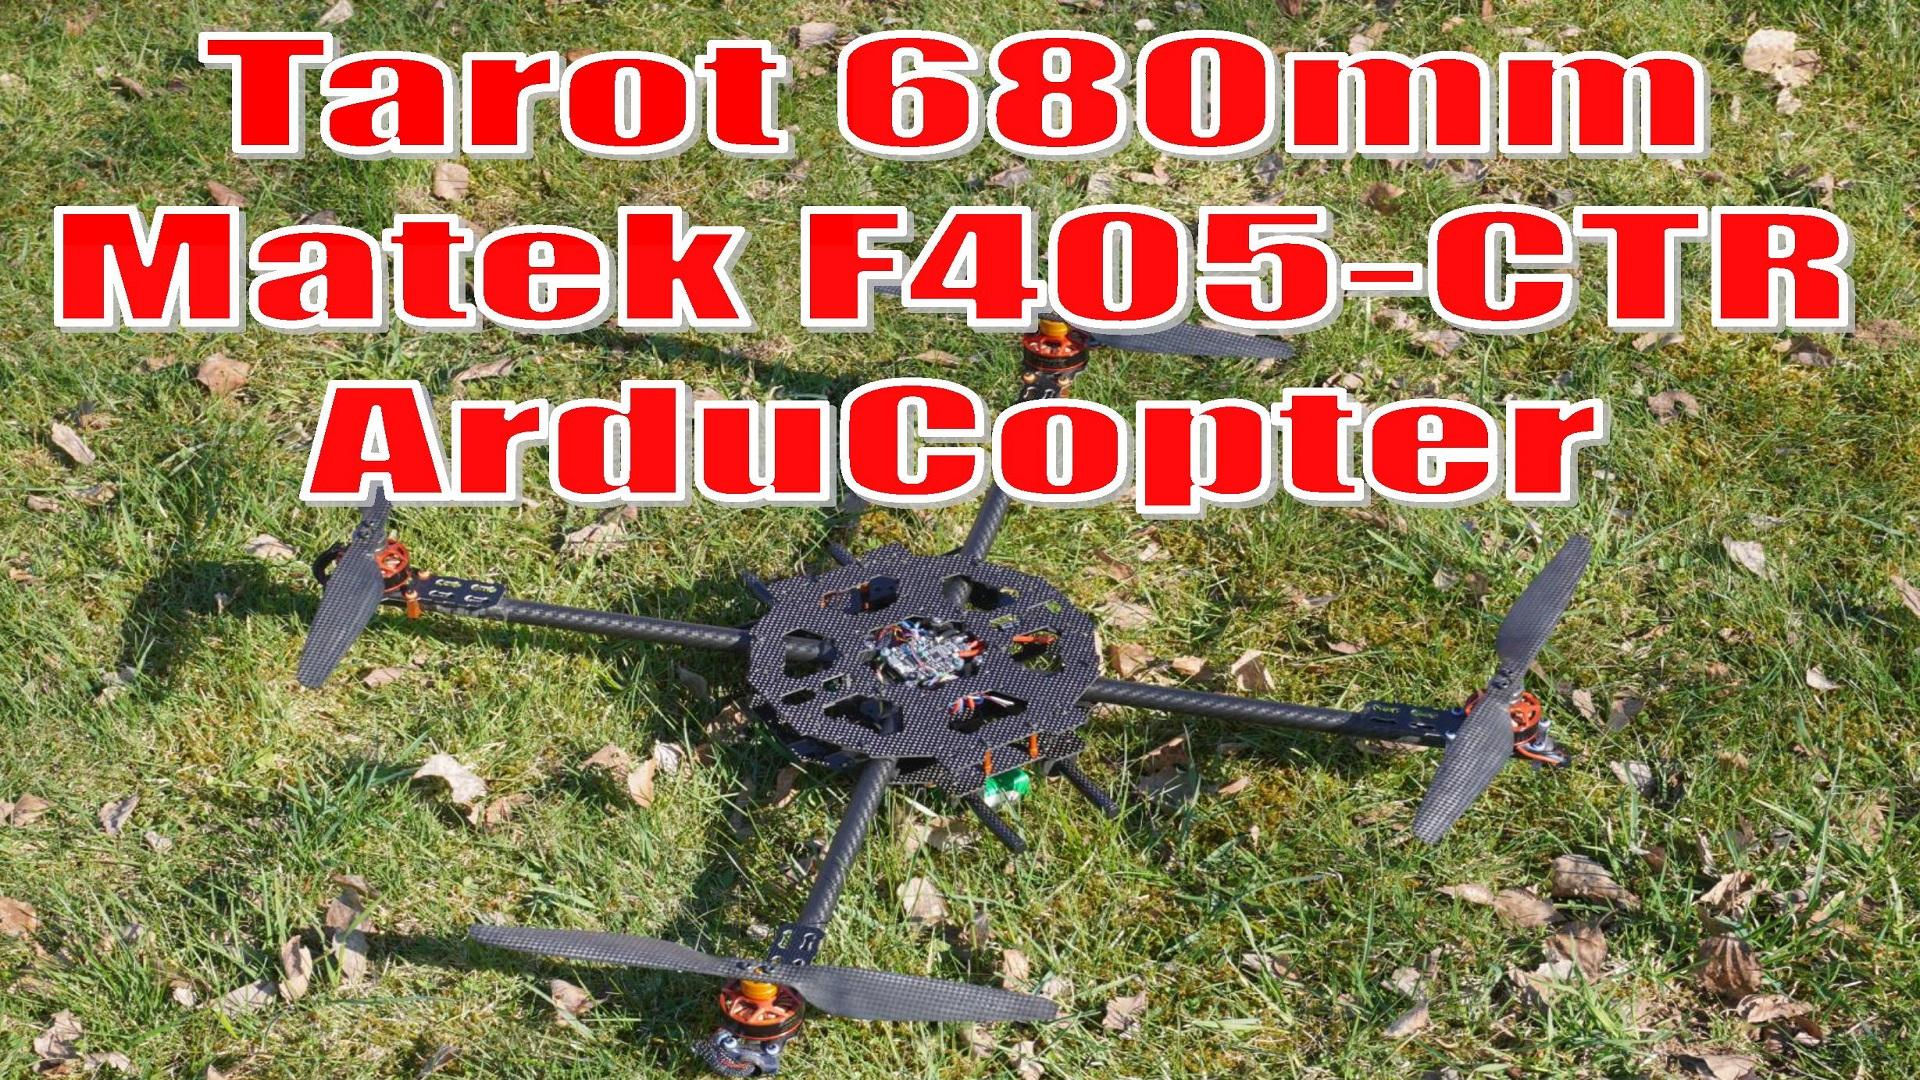 Tarot IronMan / Matek F405-CTR / ArduCopter